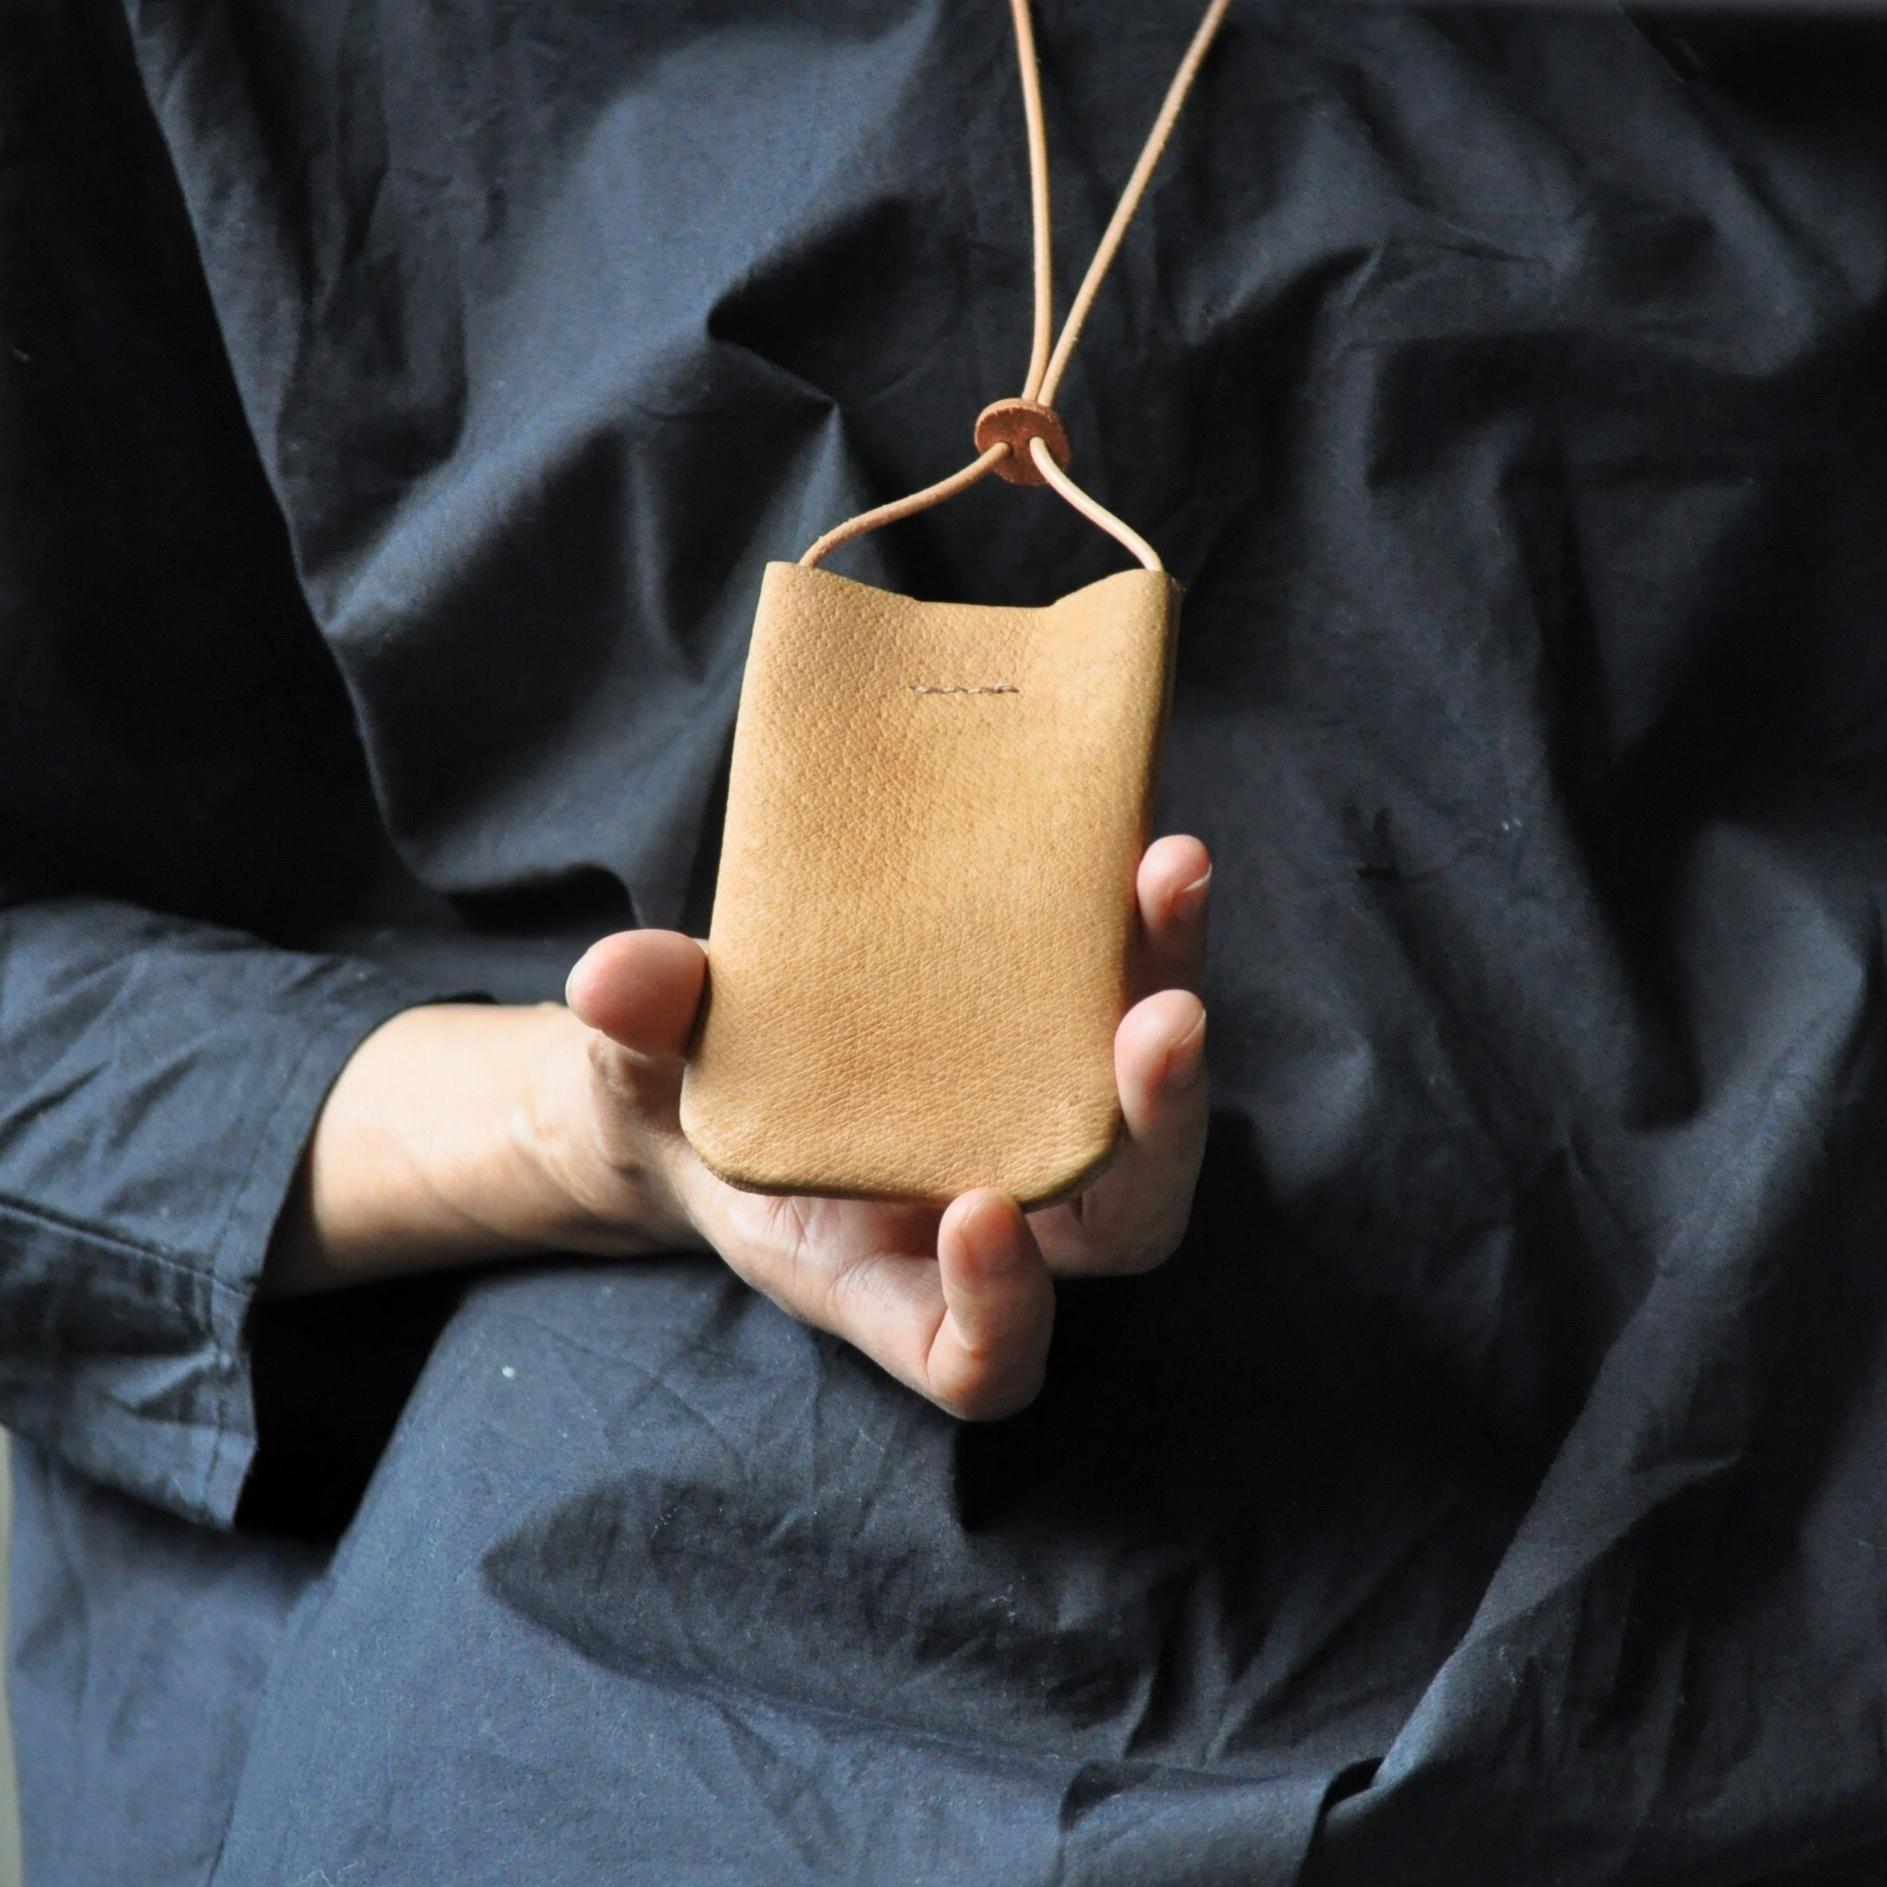 革のPASMO&Suicaホルダー【camel】ロングストラップ